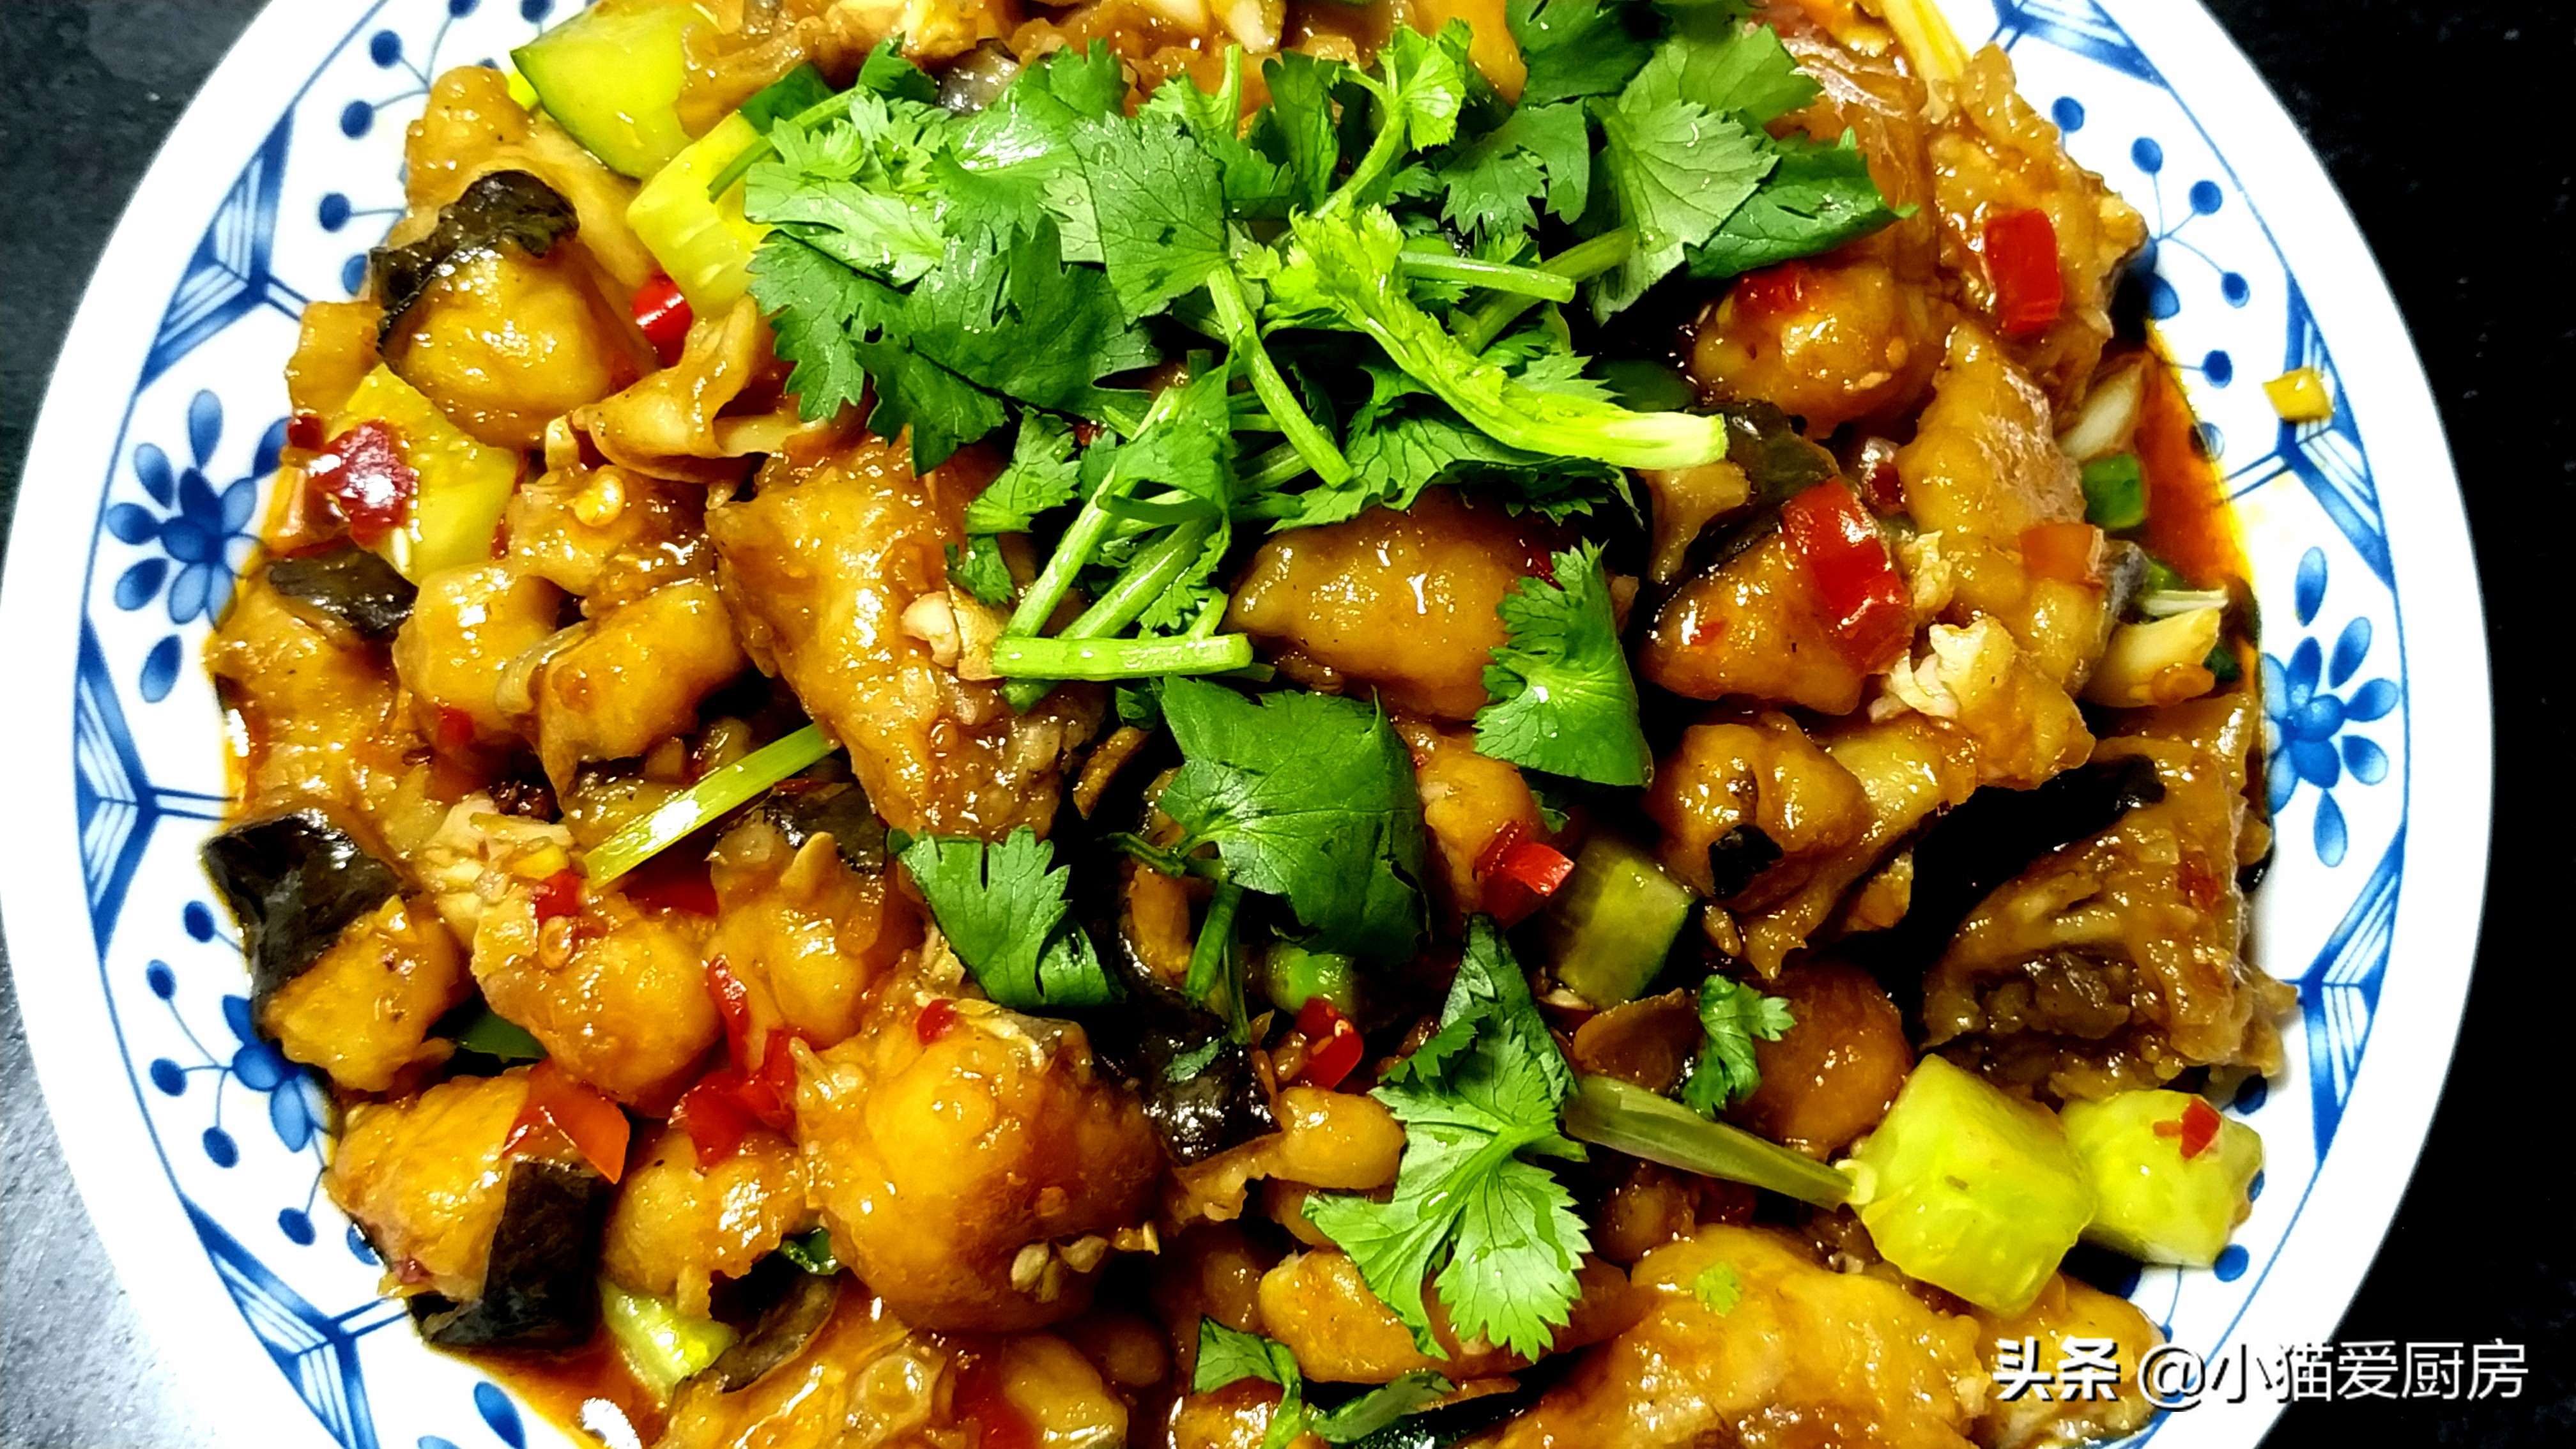 鱼肉的美味做法 味道香辣 下饭下酒的好菜 好吃的放不下筷子